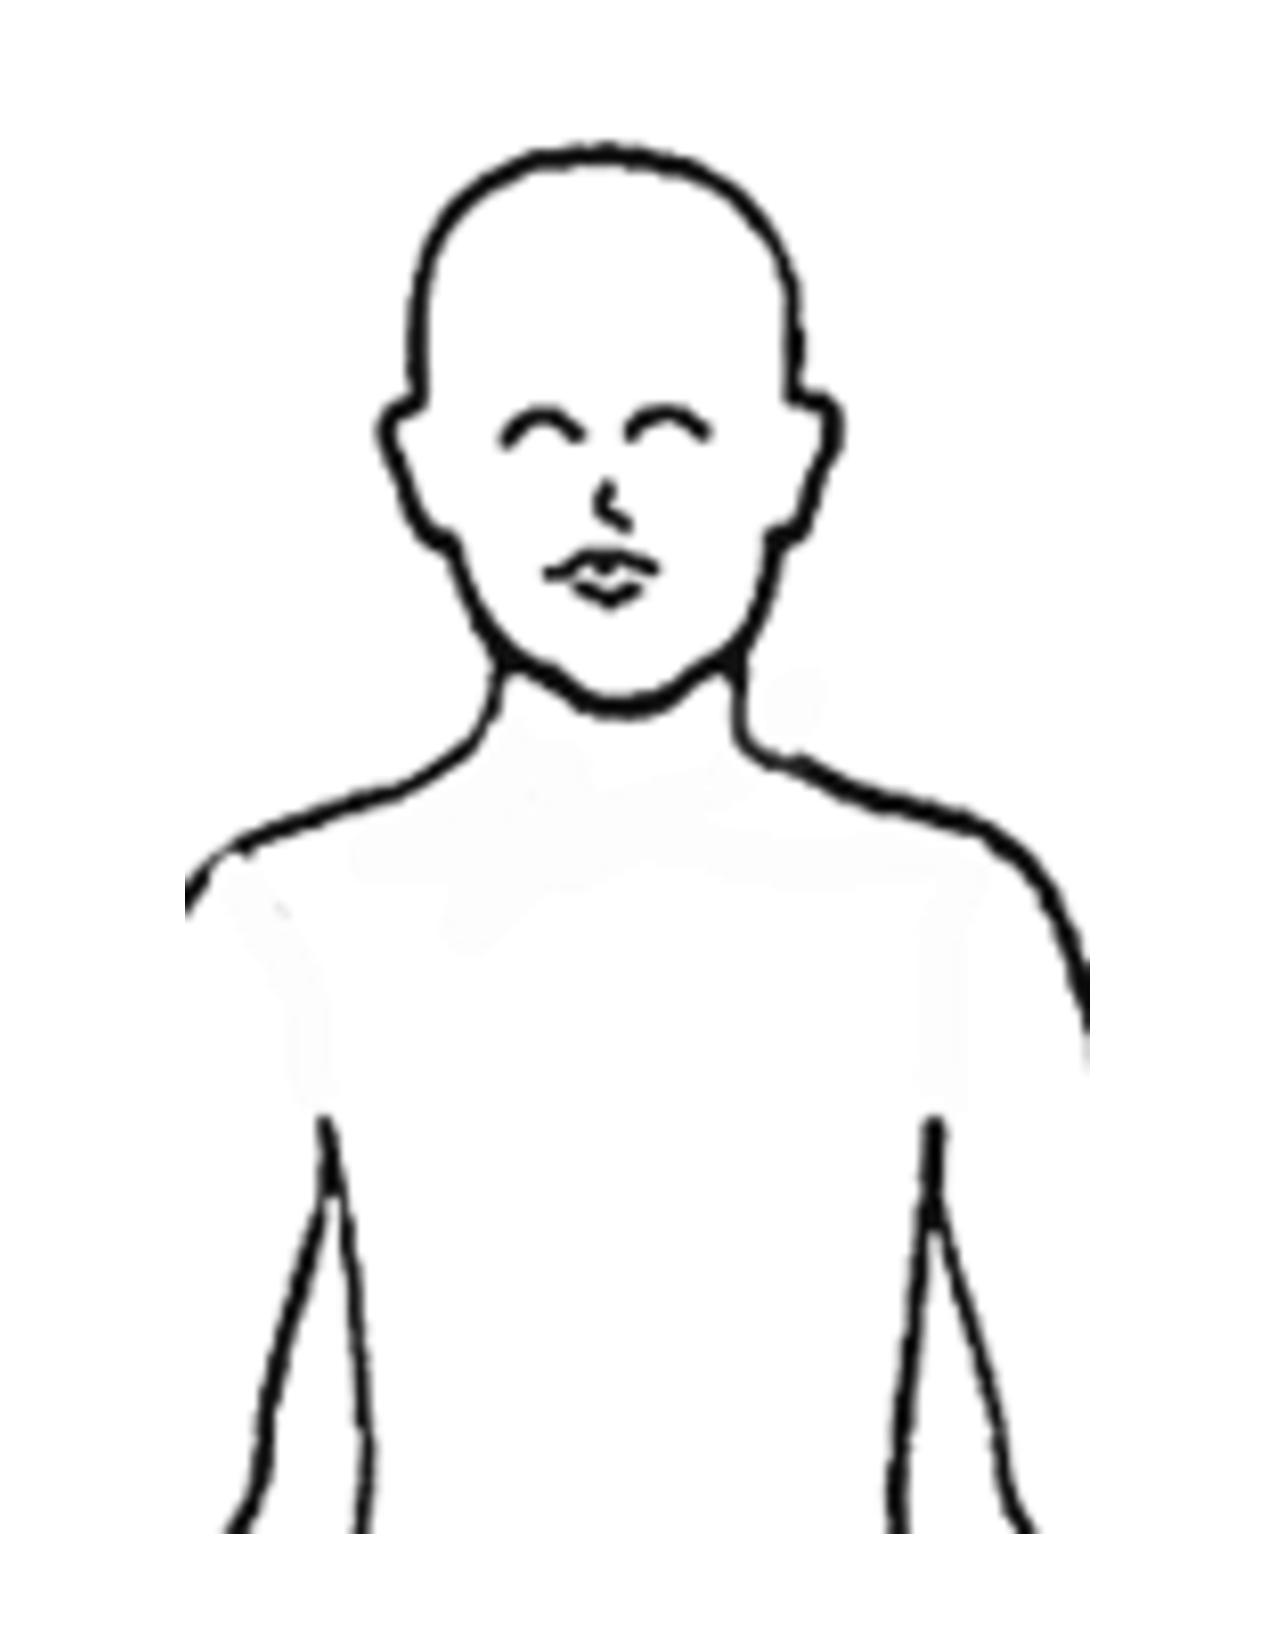 Body Outline Diagram